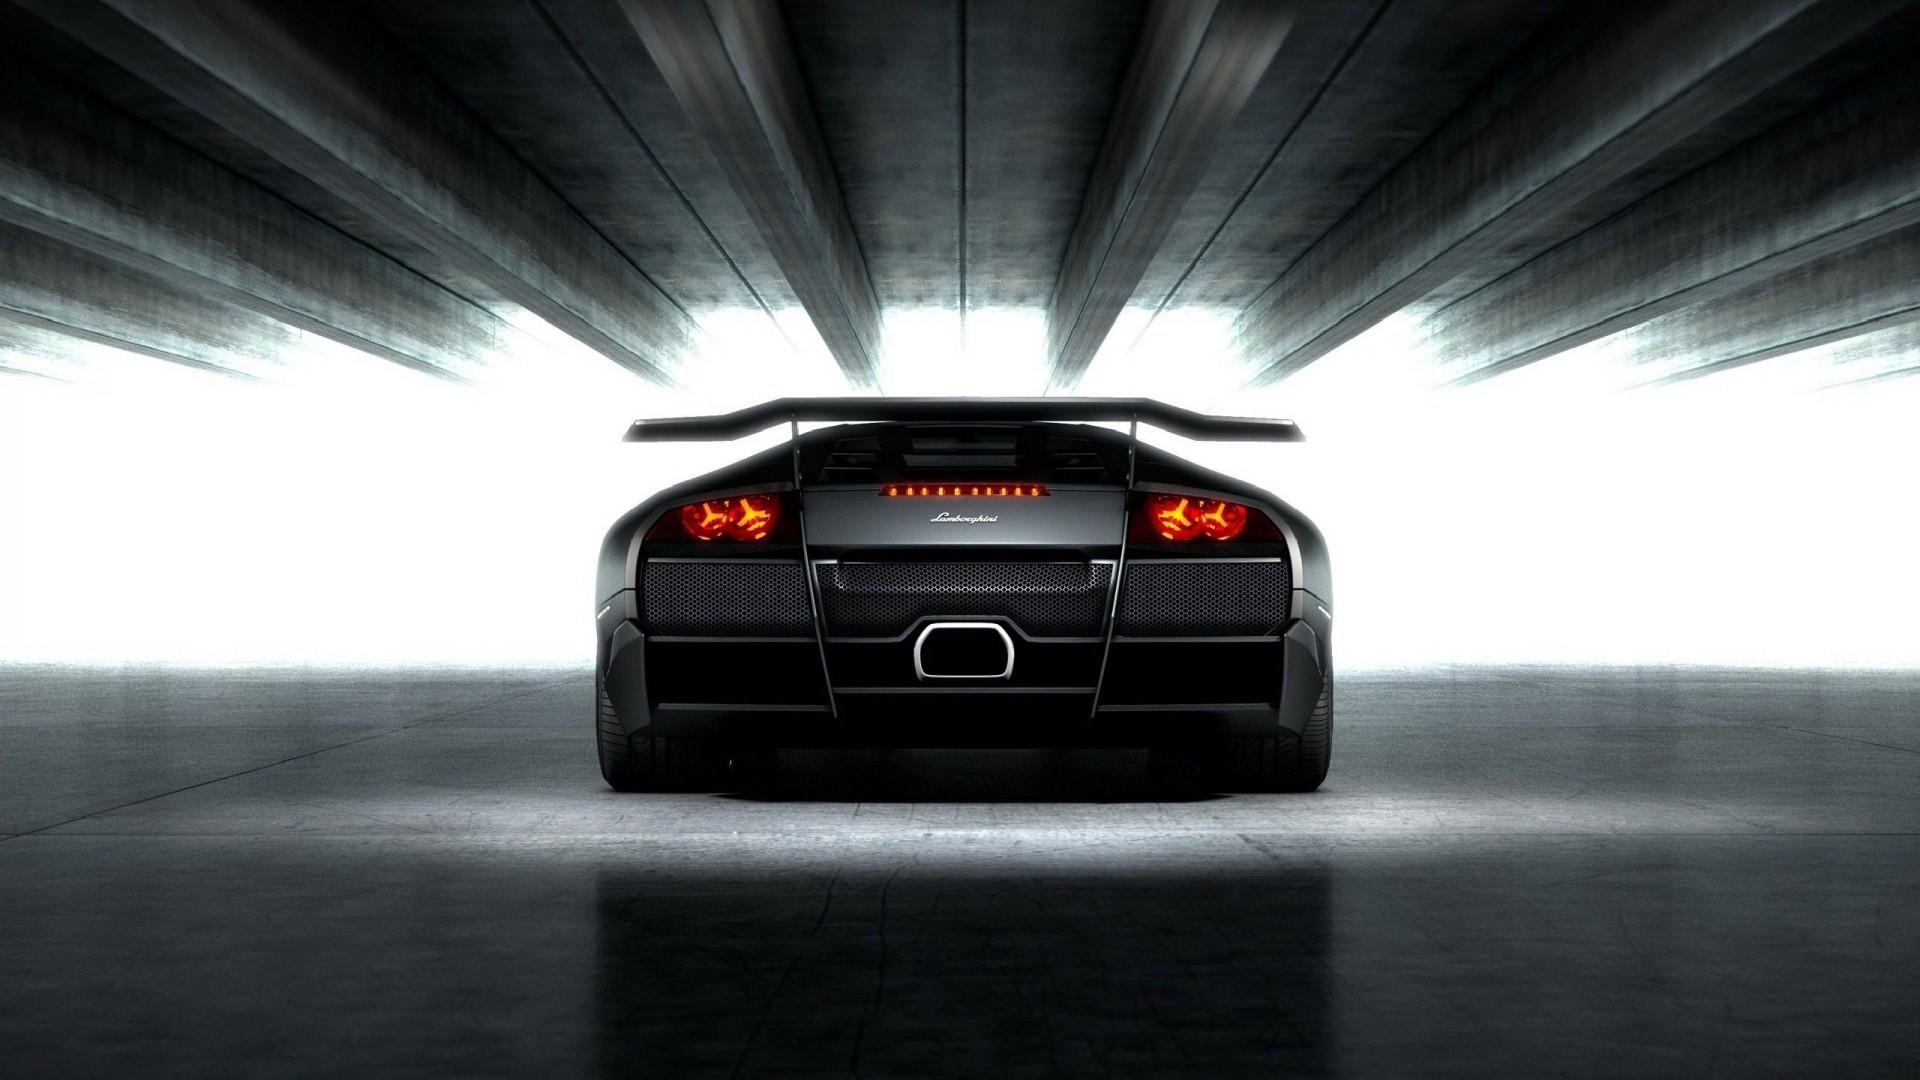 Lamborghinimurcielagolp6704svblacksupercarcar